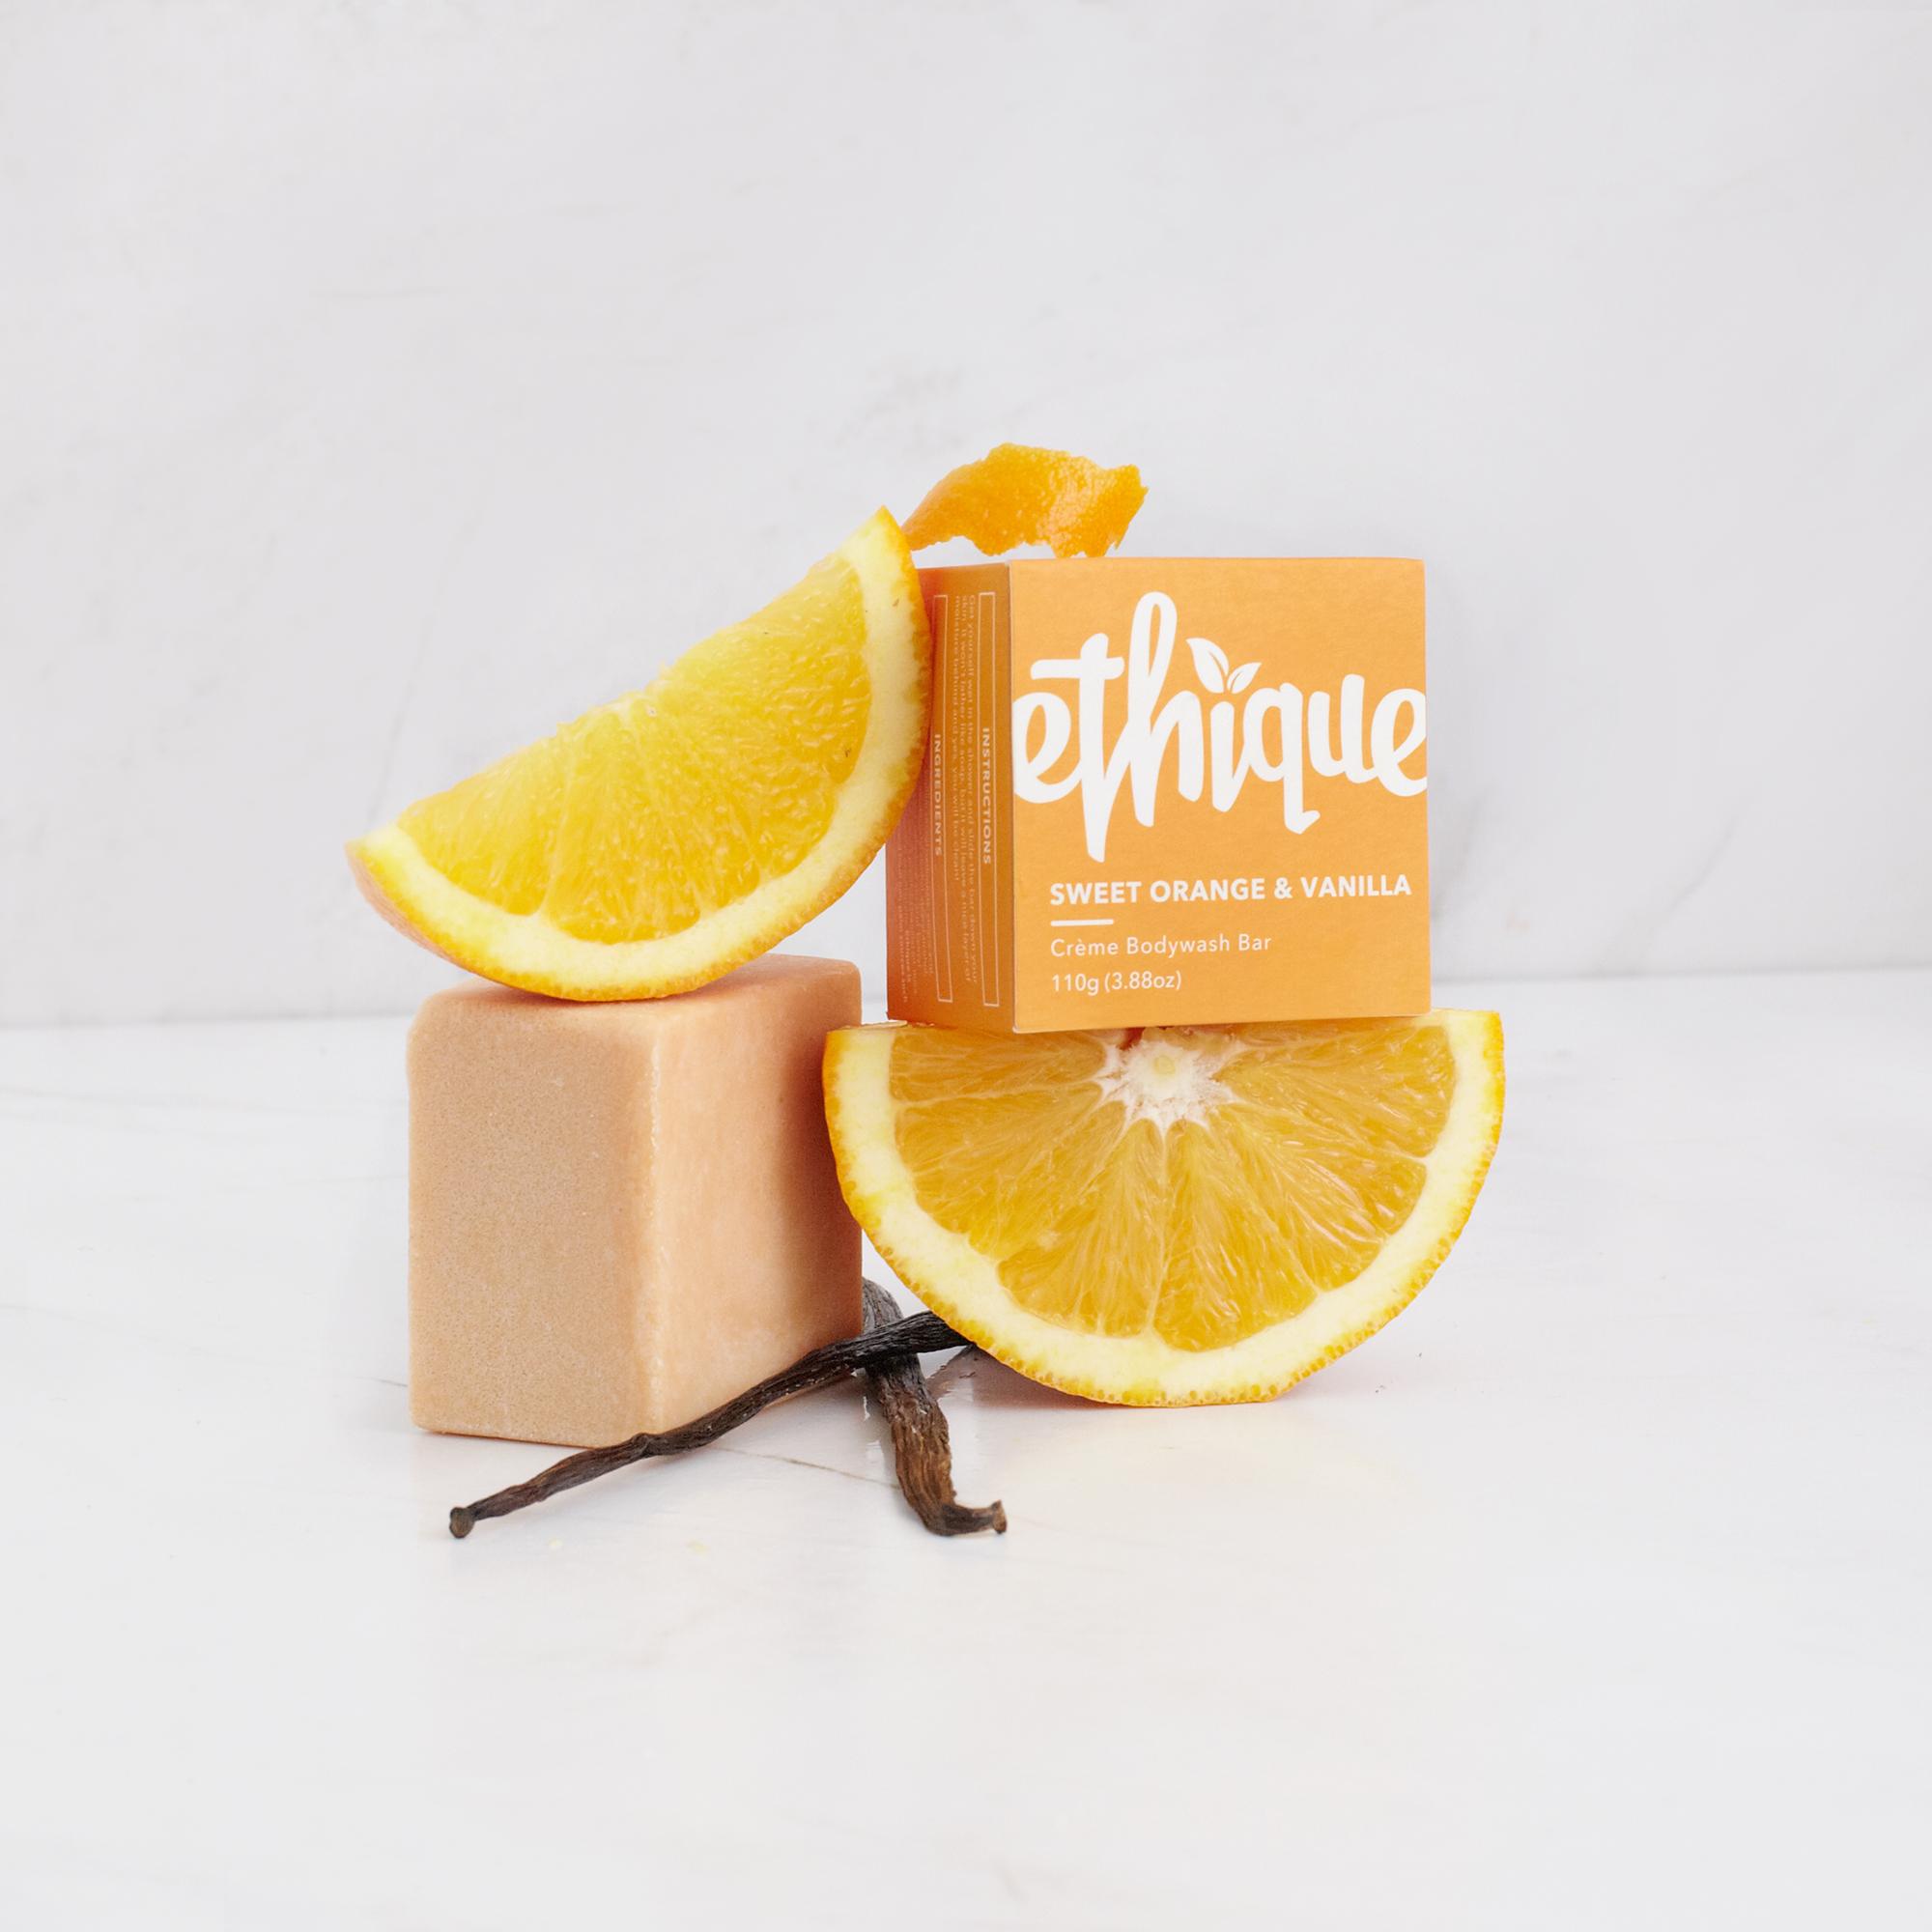 エティーク クリームボディウォッシュ オレンジ&バニラ 110g